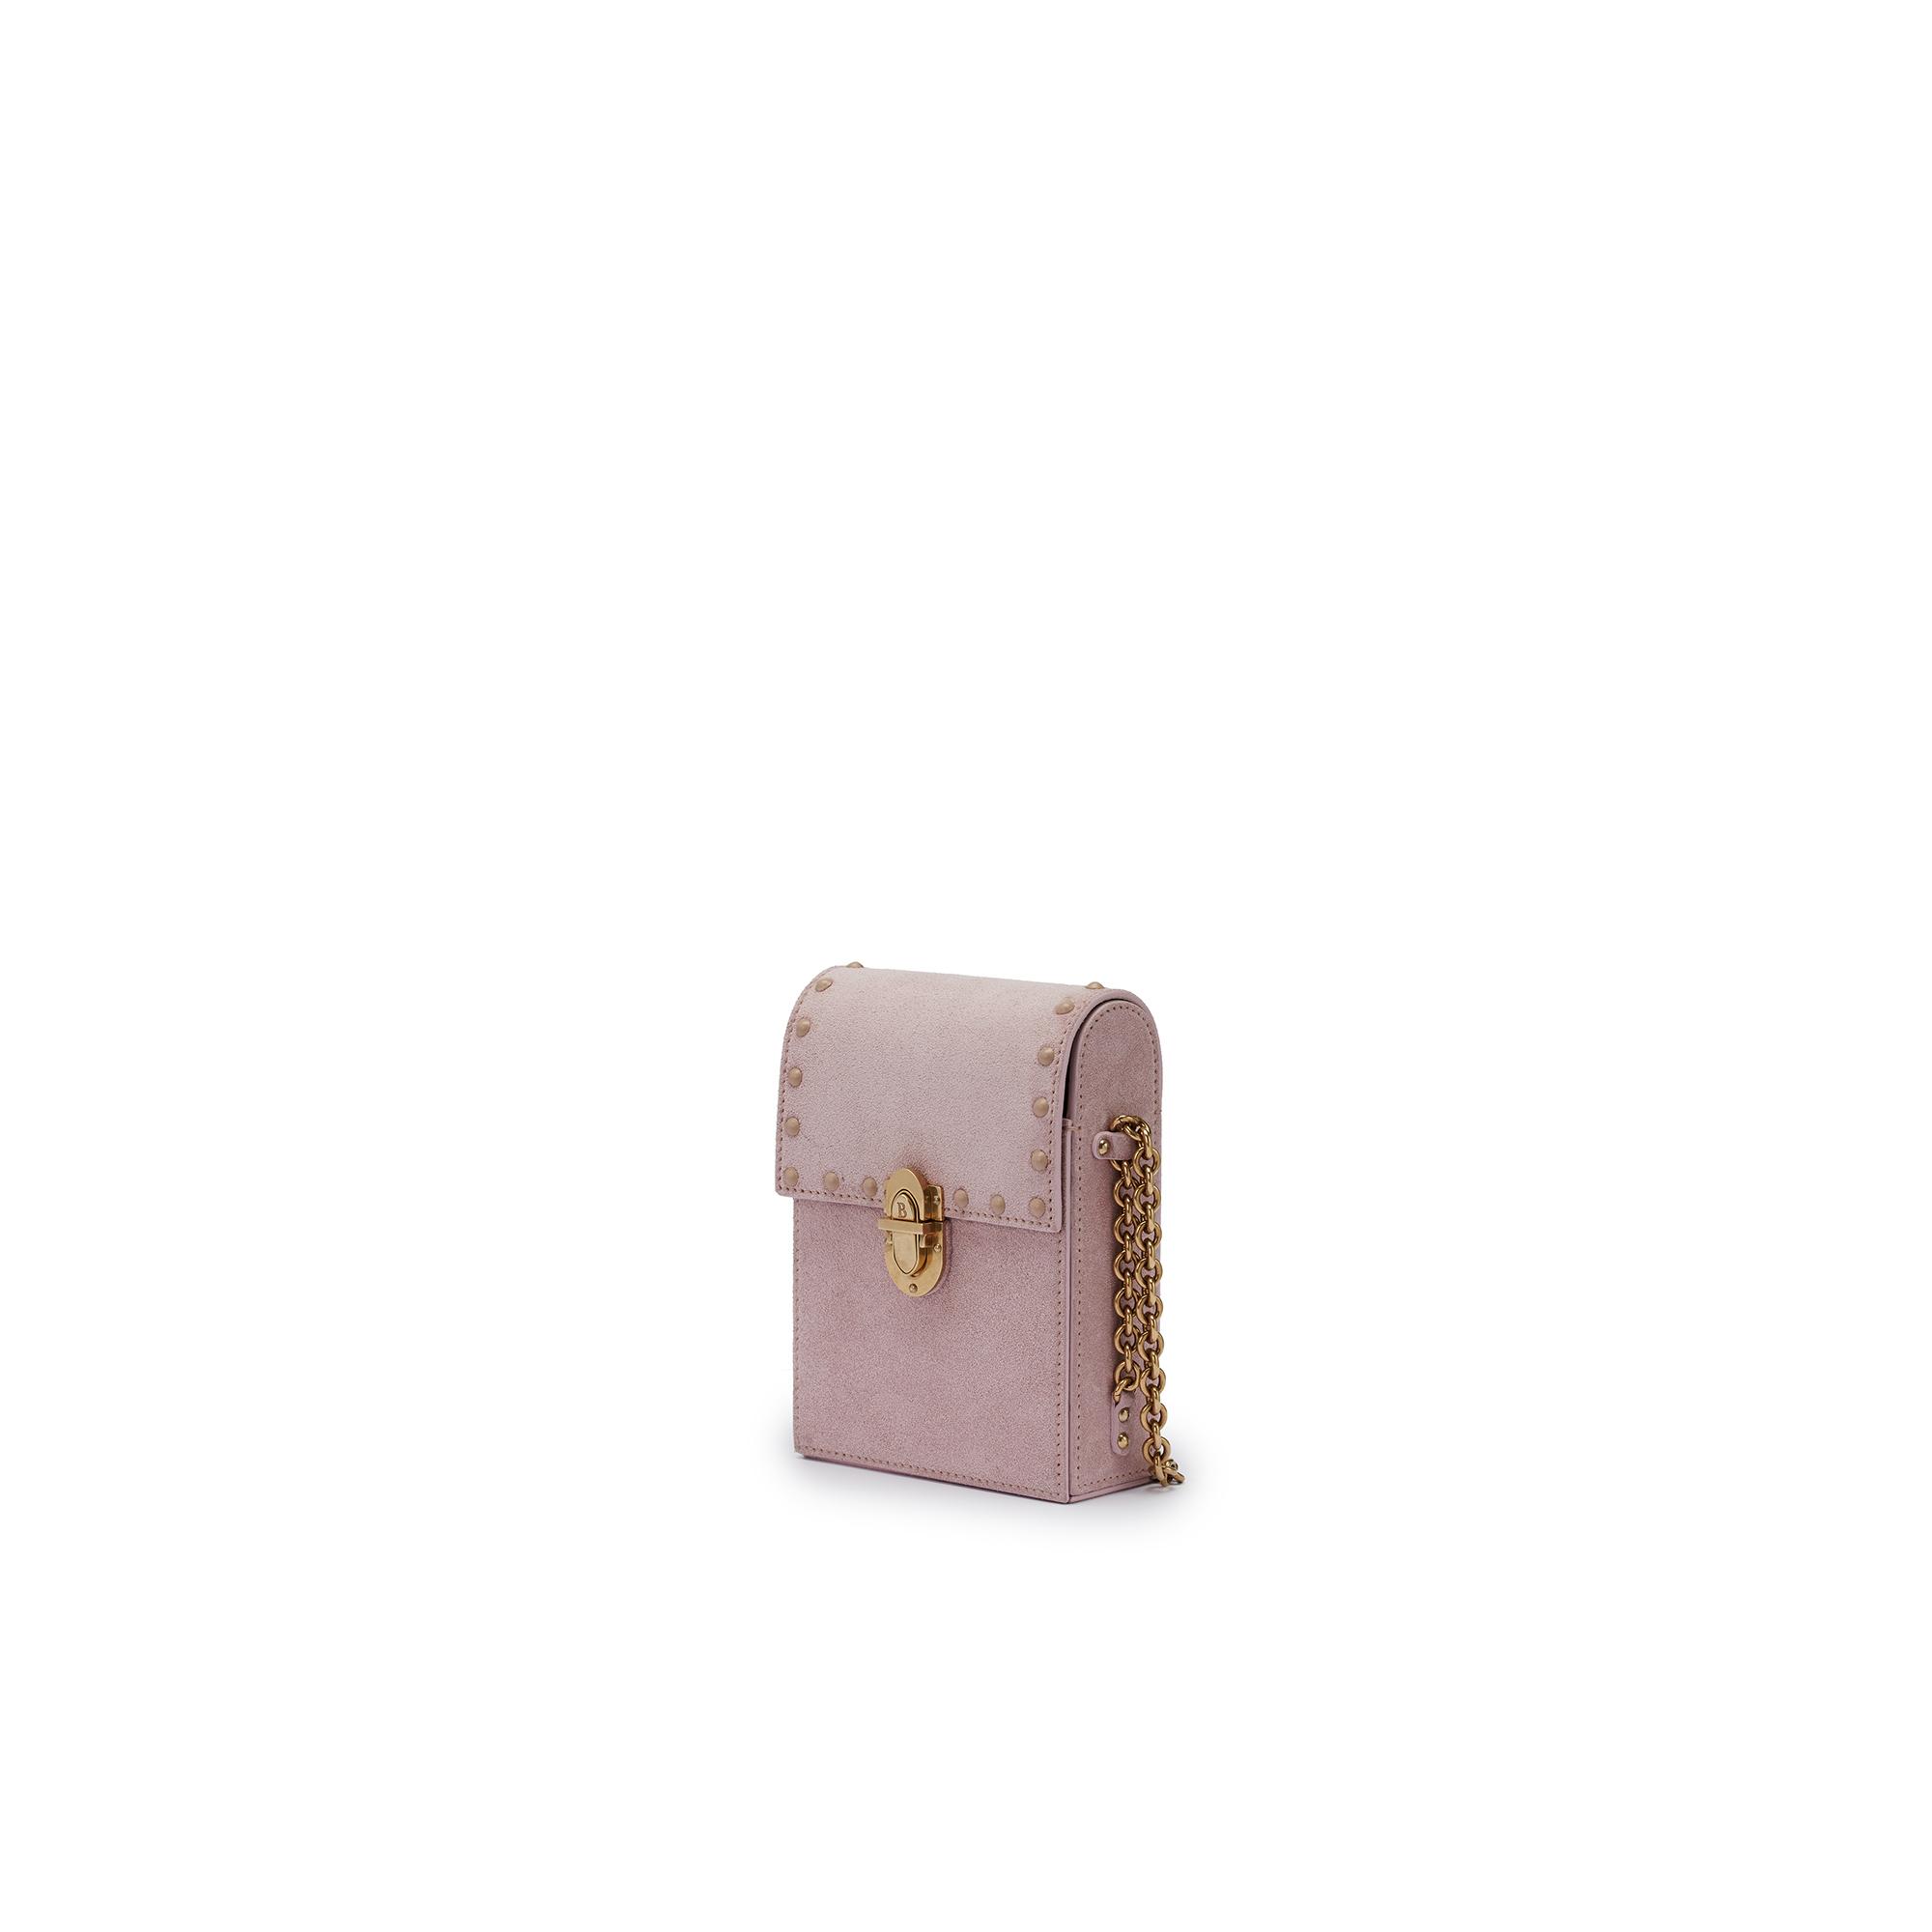 Mini-Gigi-antique-rose-suede-bag-Bertoni-1949_01